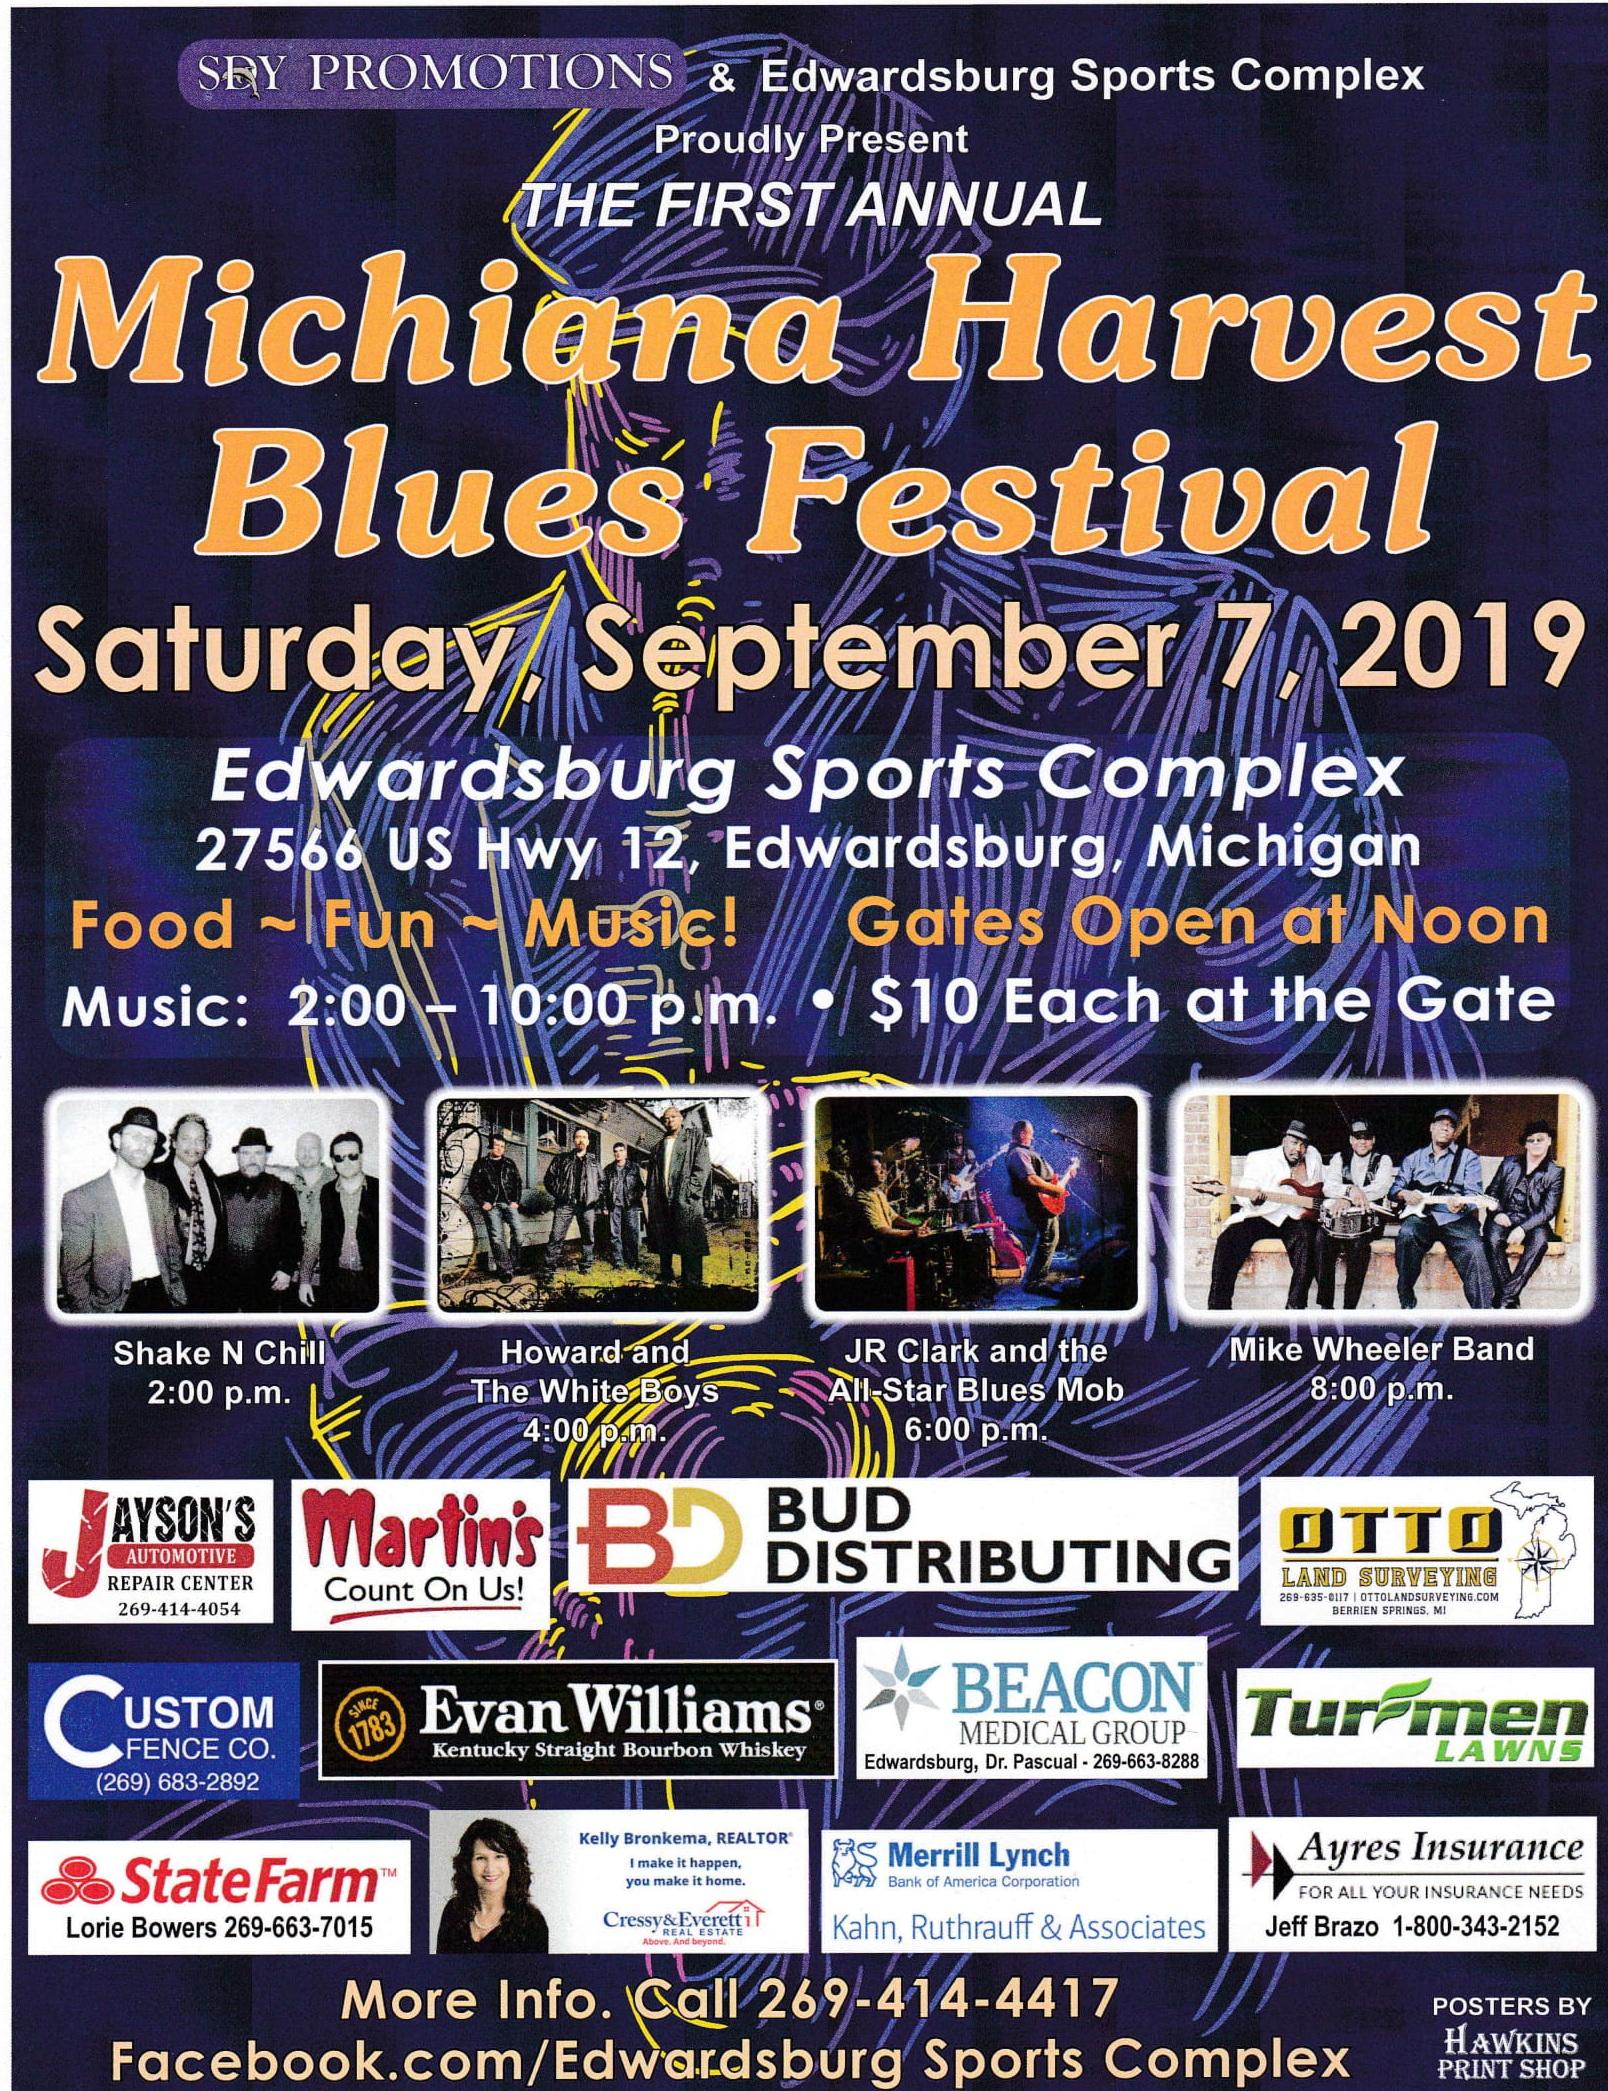 Michiana+Harvest+blues+festival+September+7%2C+2019-1.jpg